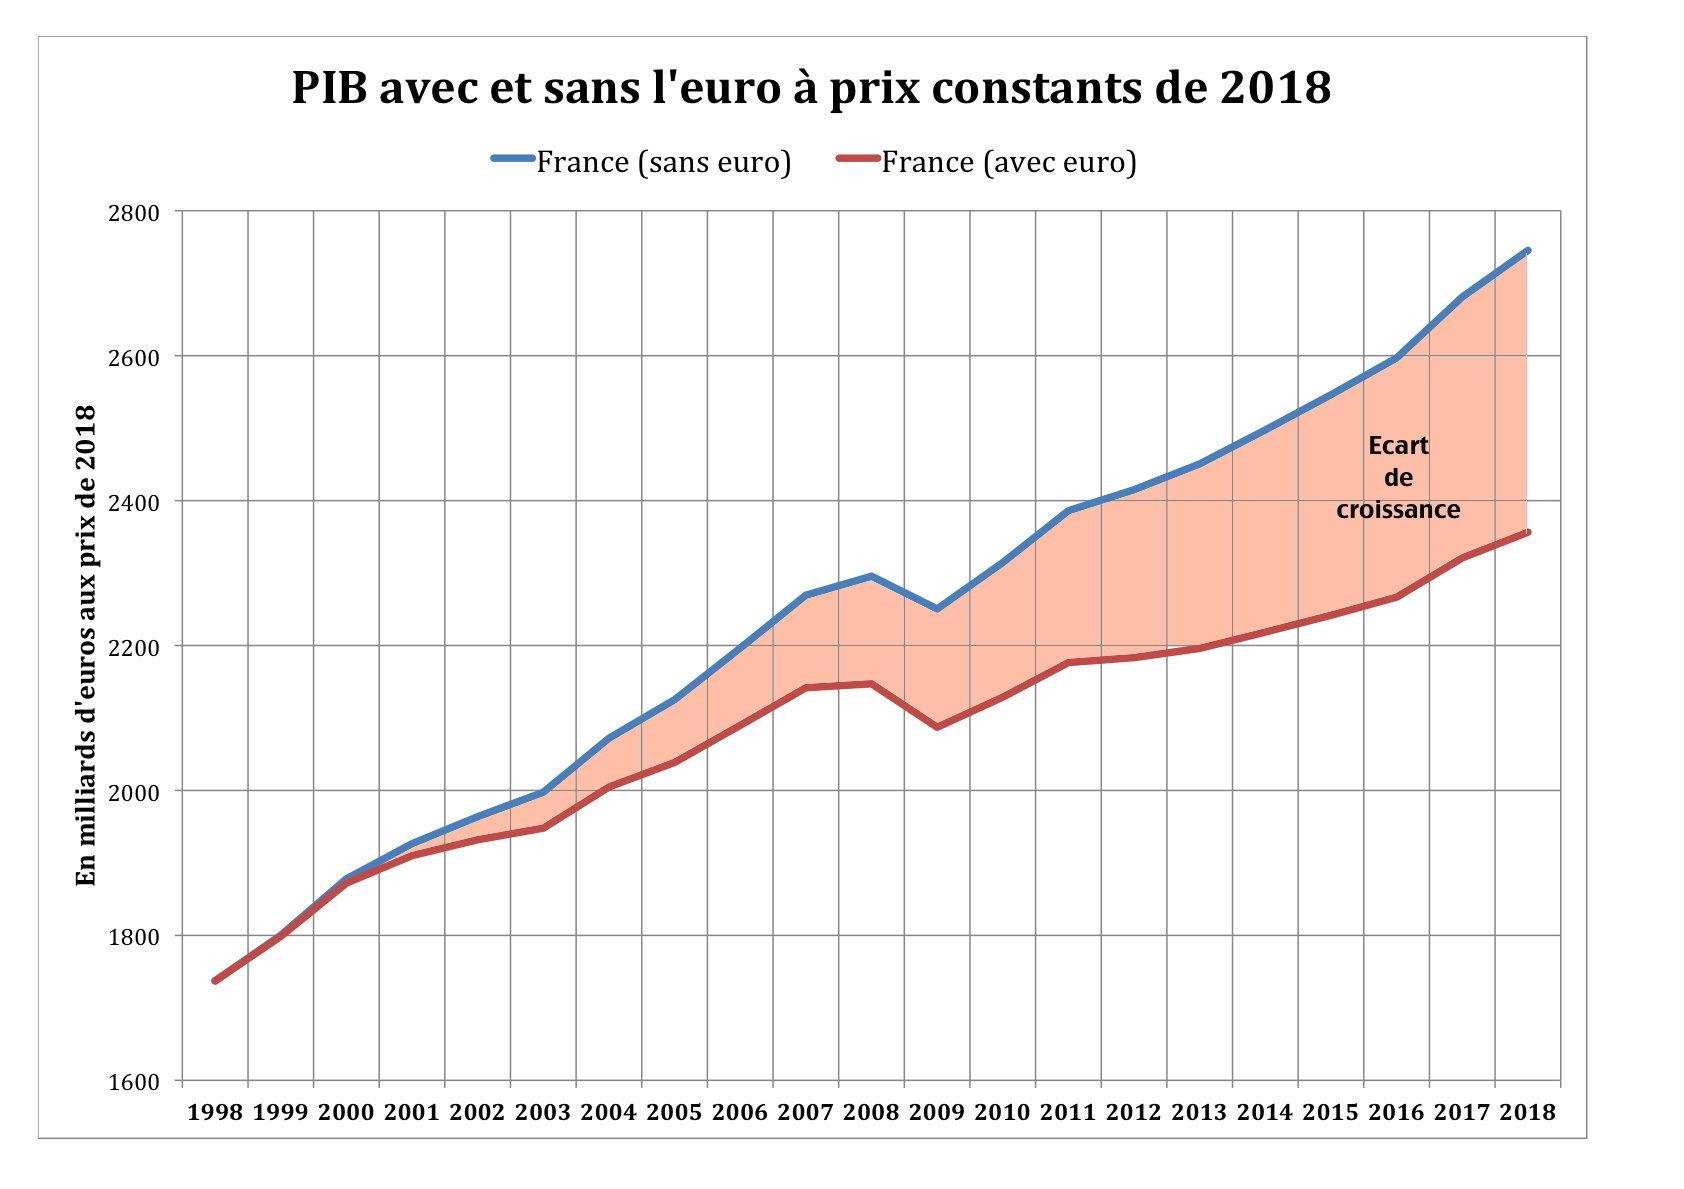 Croissance réelle et croissance potentielle de la France avec et sans l'Euro. Source: Base de données CEMI, base de donnée du FMI